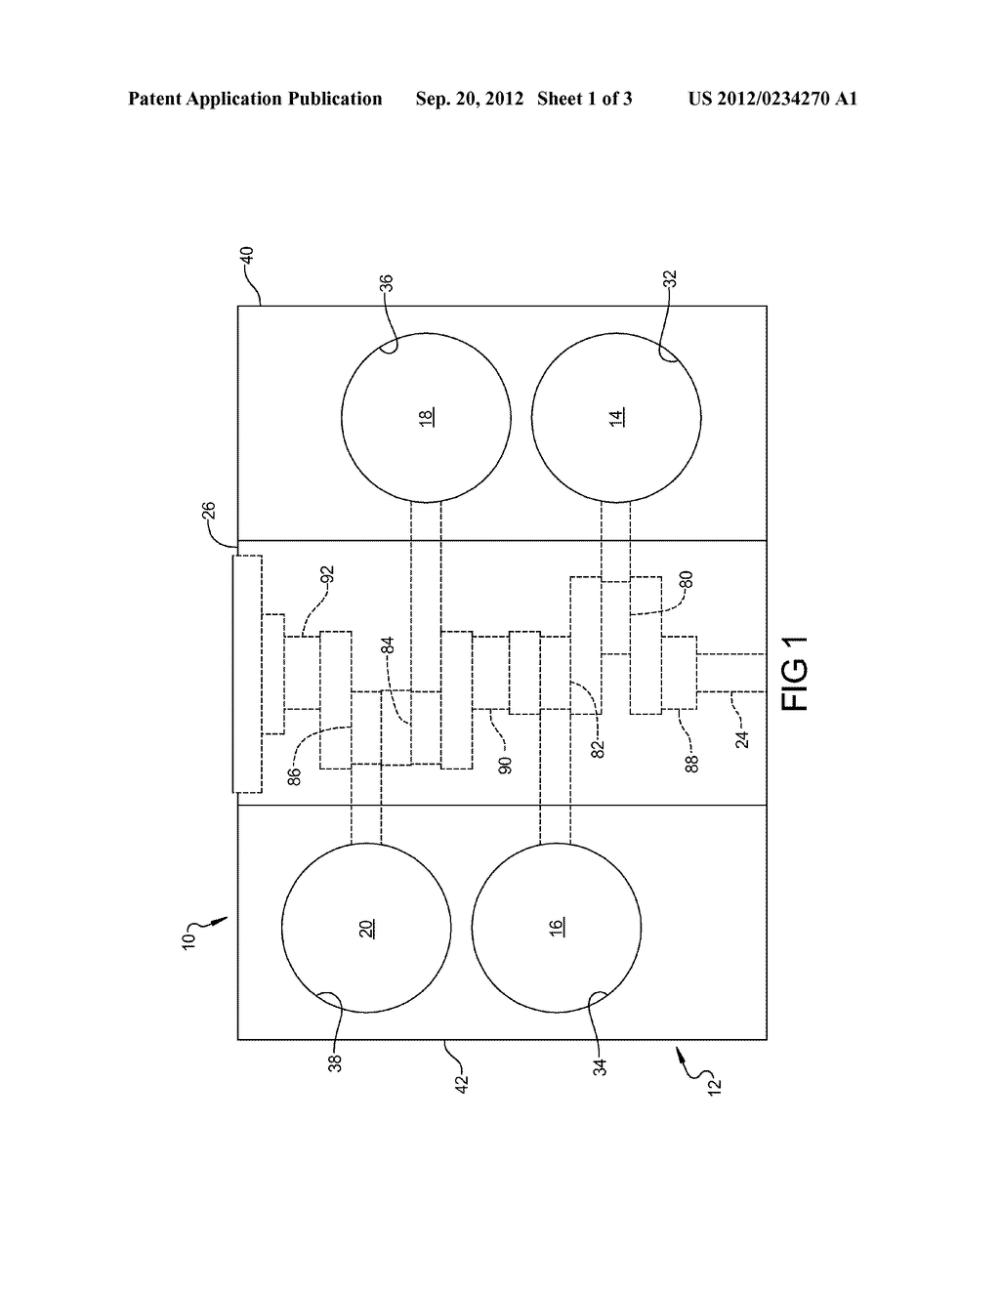 medium resolution of engine assembly including crankshaft for v4 arrangement diagram rh patentsencyclopedia com i4 engine diagram s10 engine